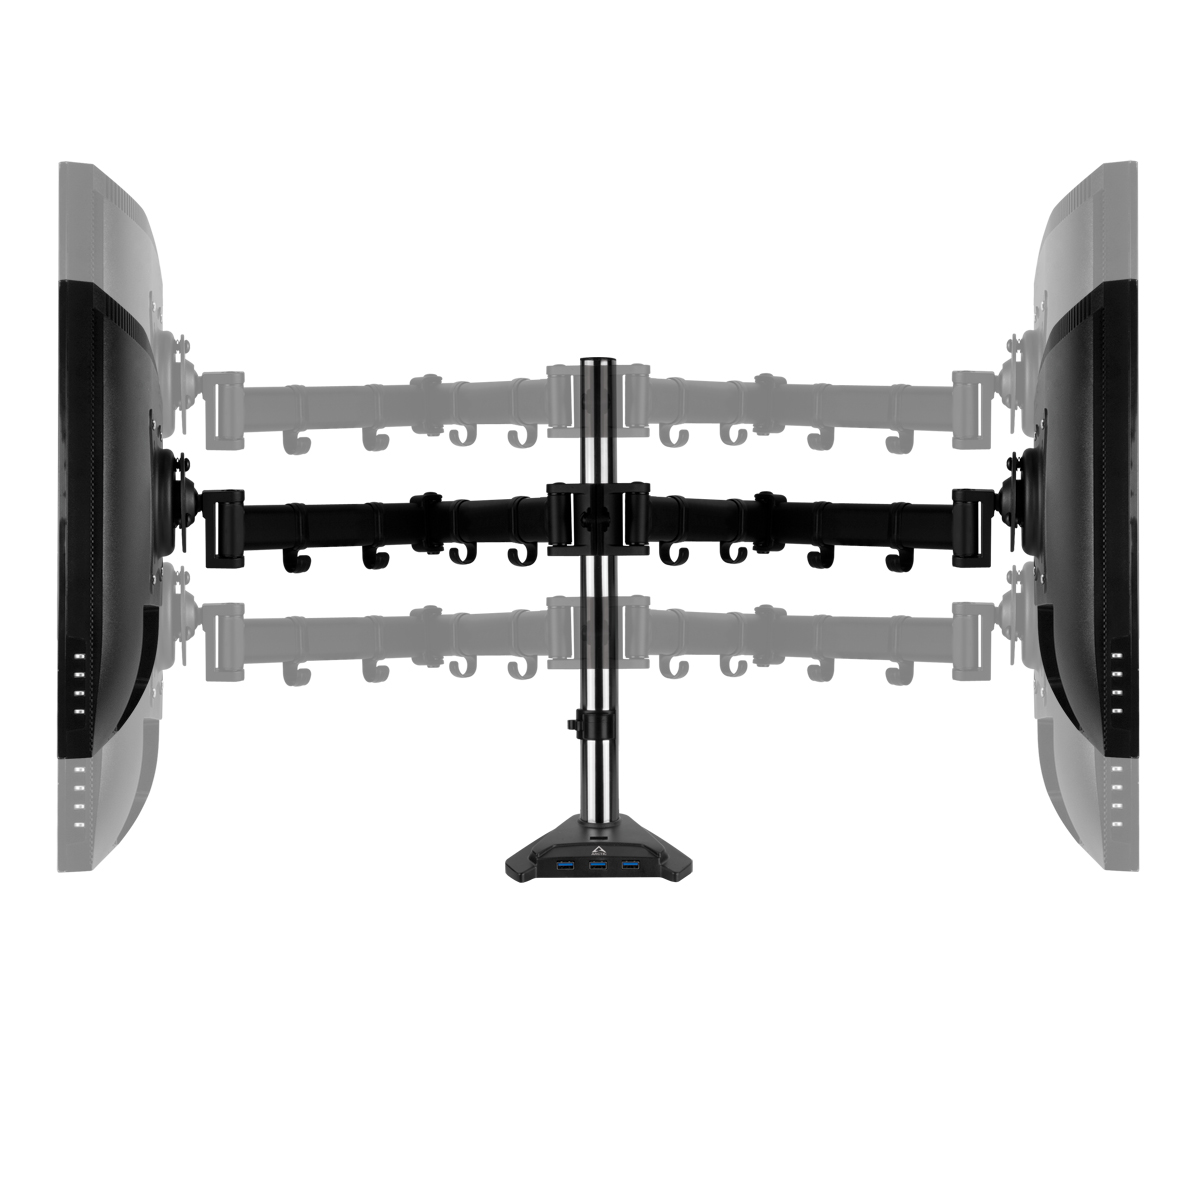 Dual-Monitorarm mit SuperSpeed USB-Hub ARCTIC Z2 Pro (Gen 3) Höhenverstellbar